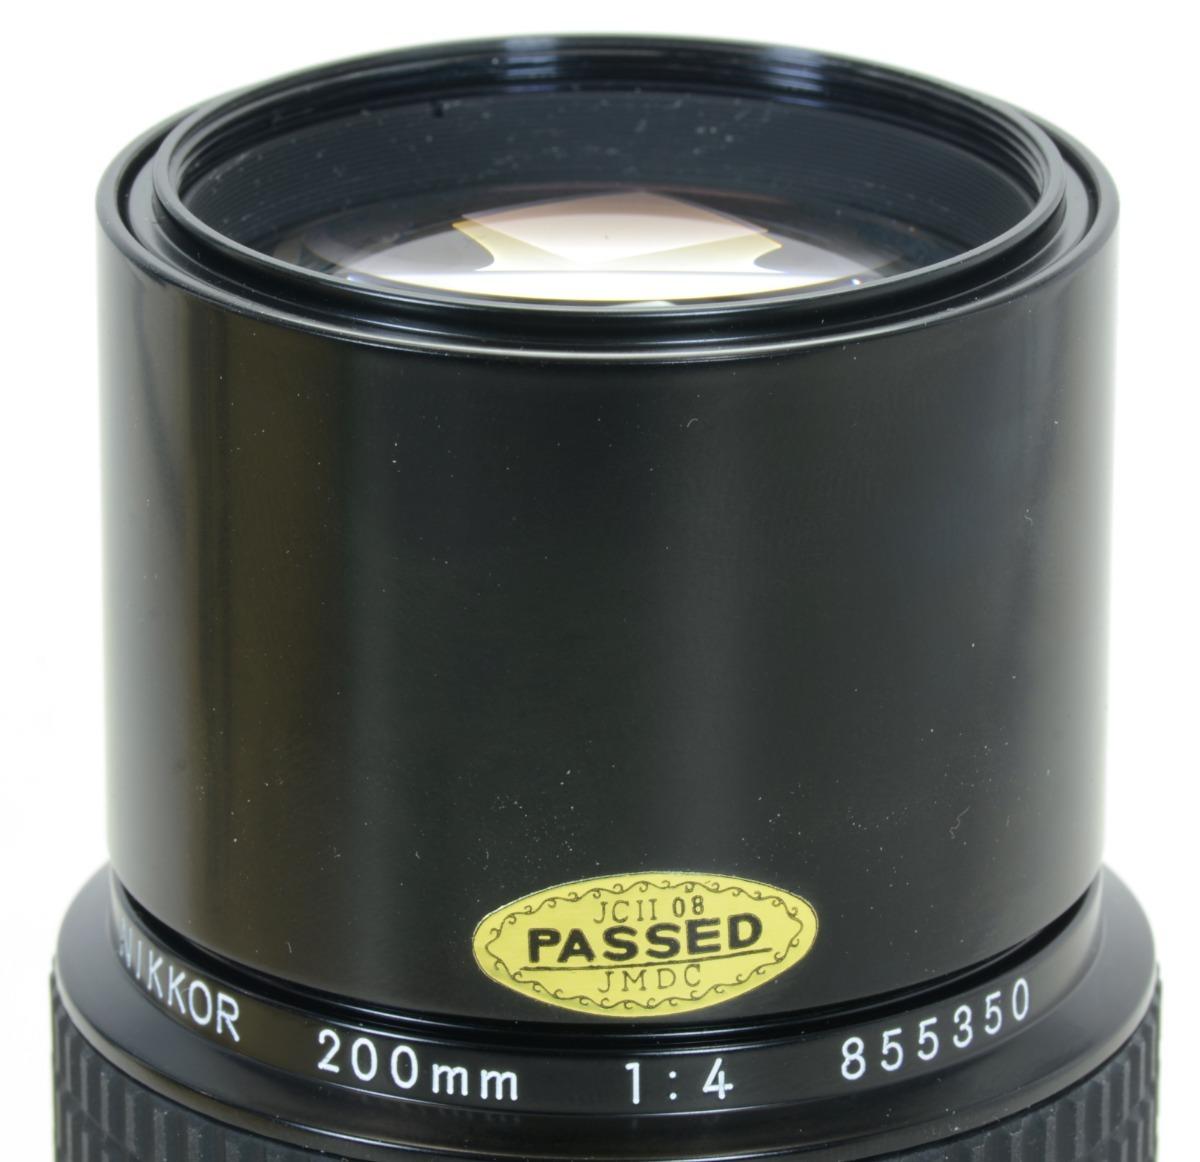 objetiva-nikon-200mm-40-855350-nota-10–D_NQ_NP_912532-MLB31297825946_072019-F[1]